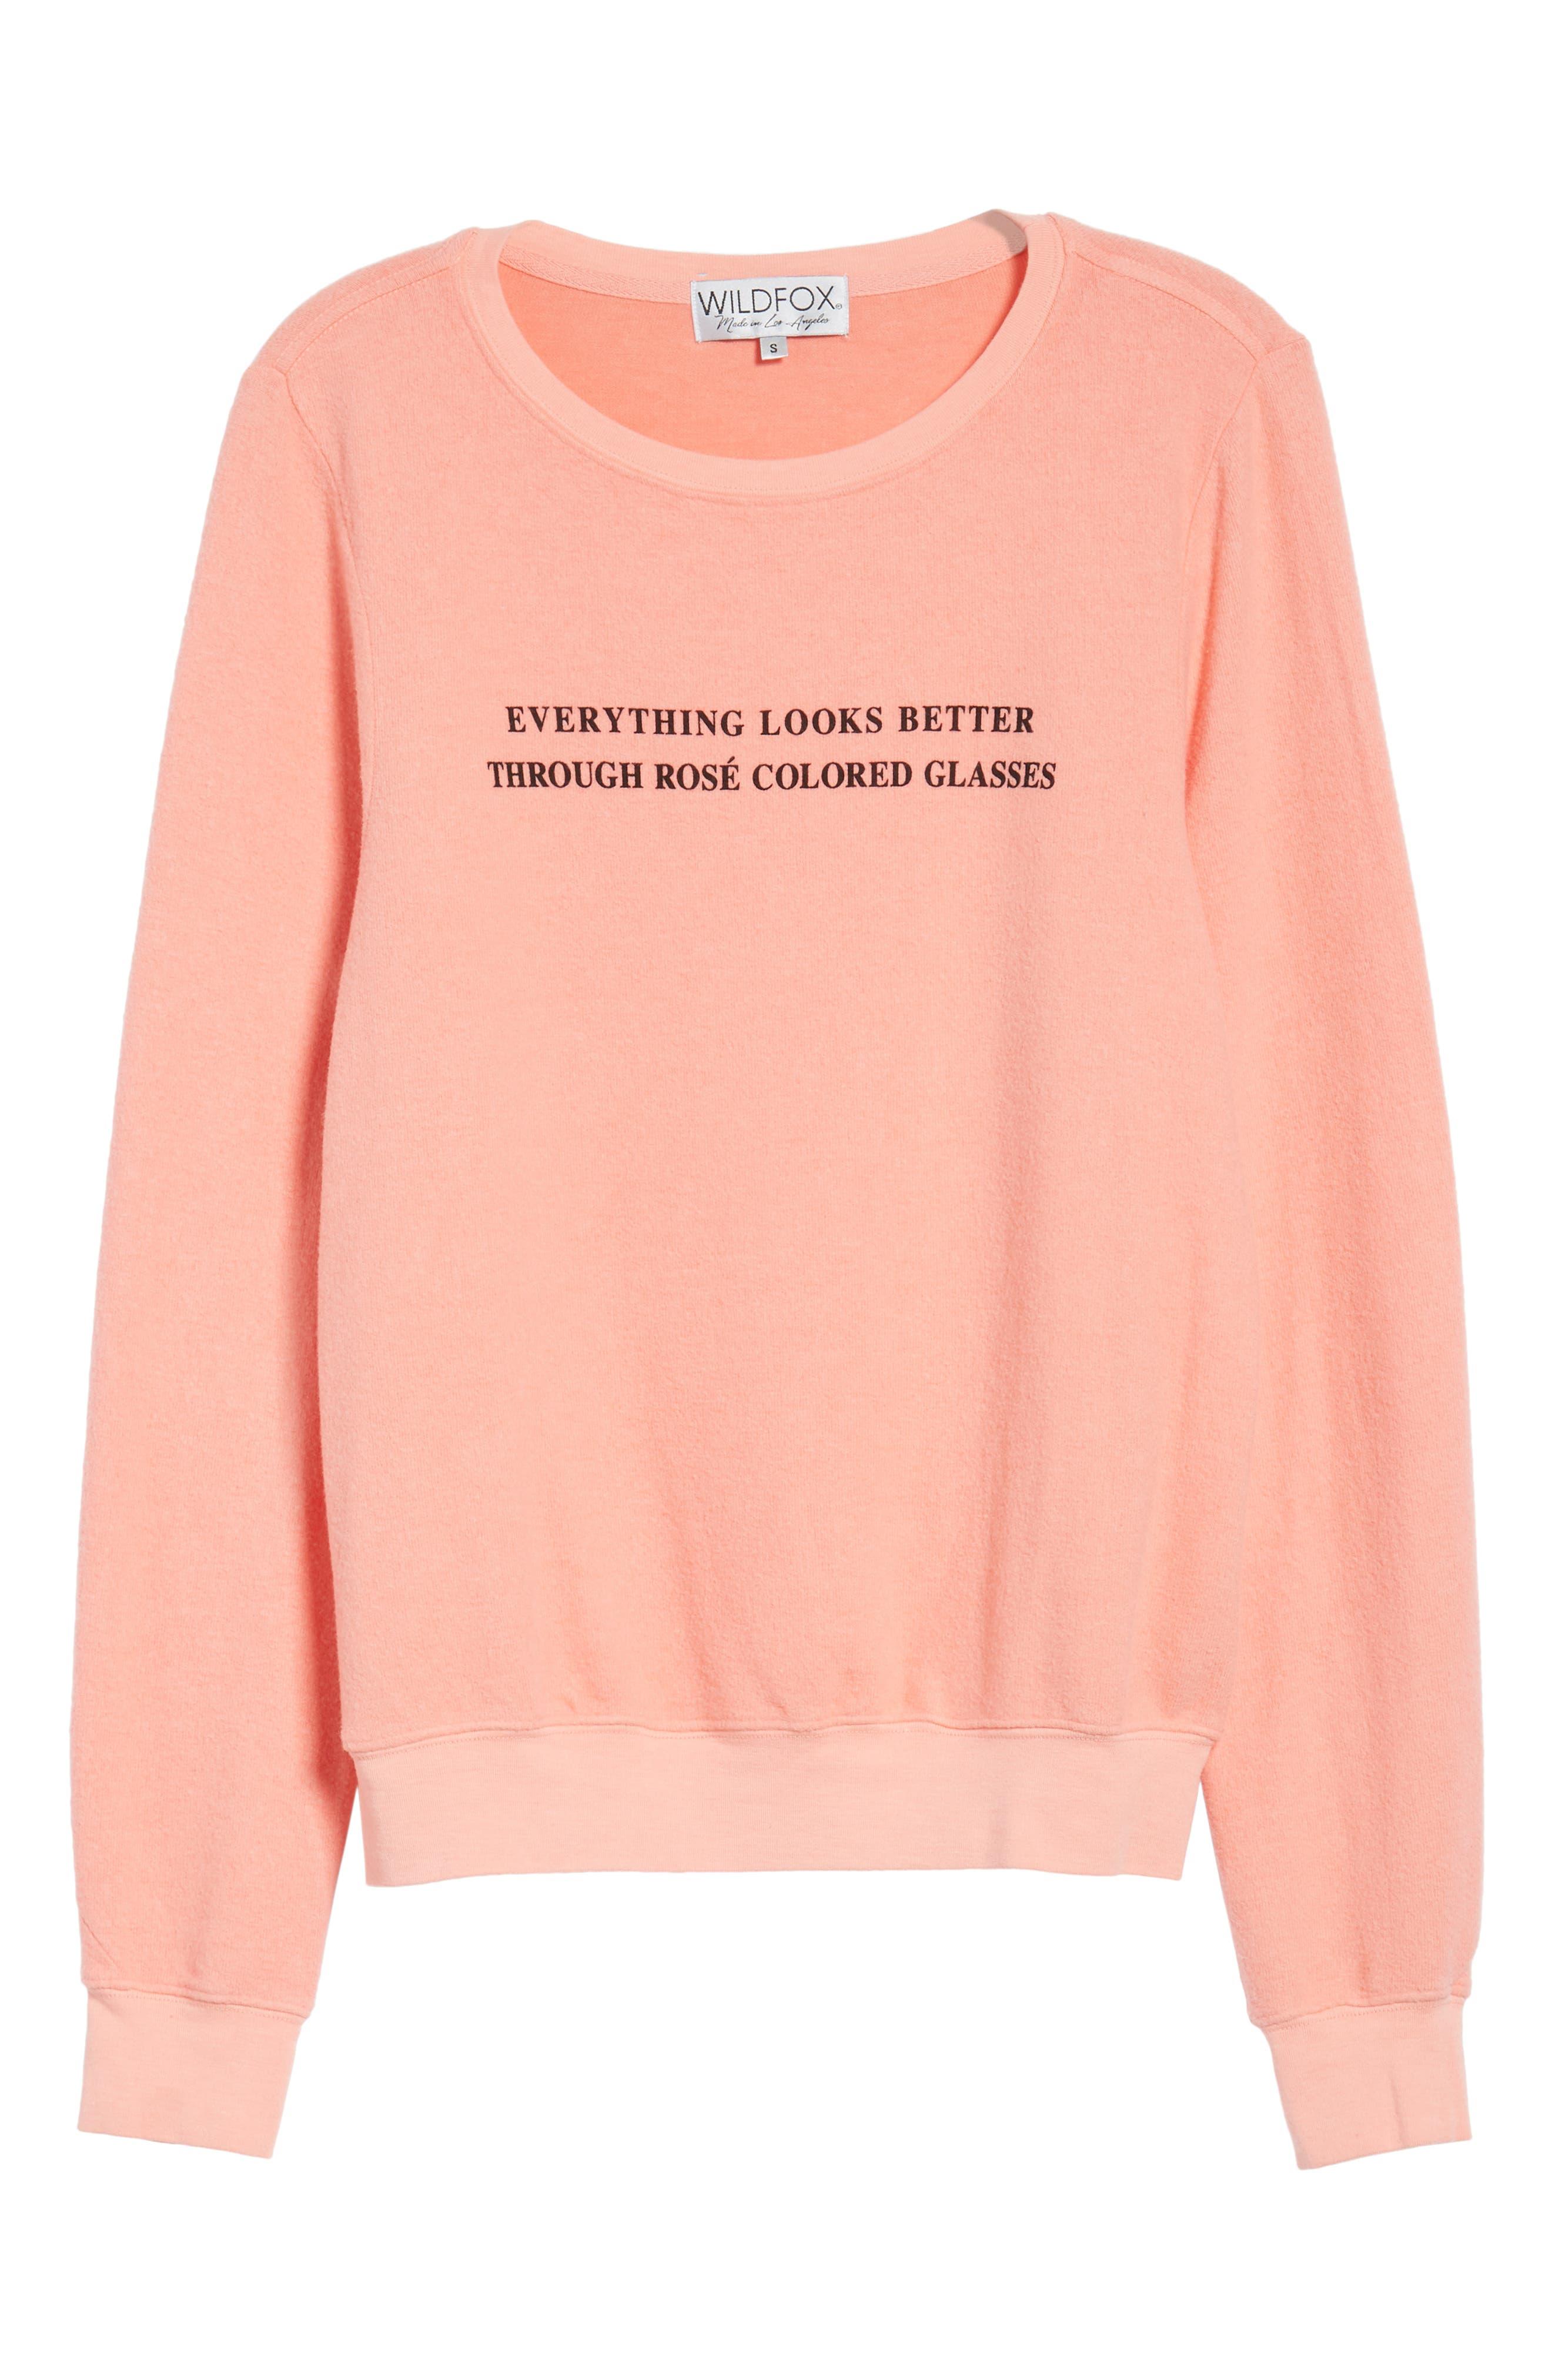 Rosé Glasses Beach Sweatshirt,                             Alternate thumbnail 7, color,                             950